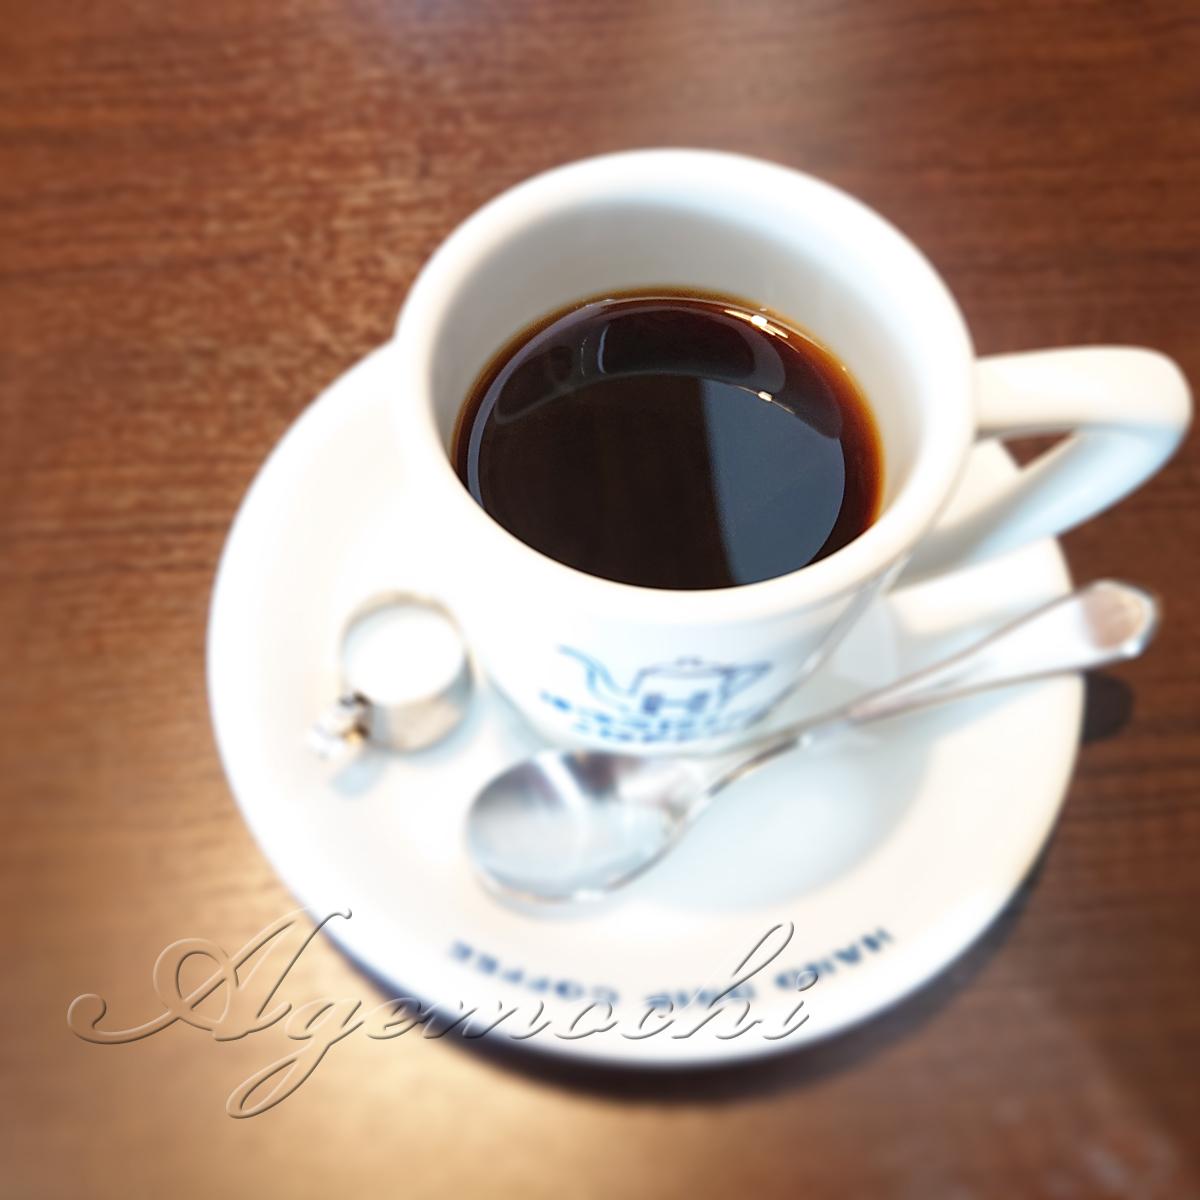 hoshino_coffee_181006.jpg